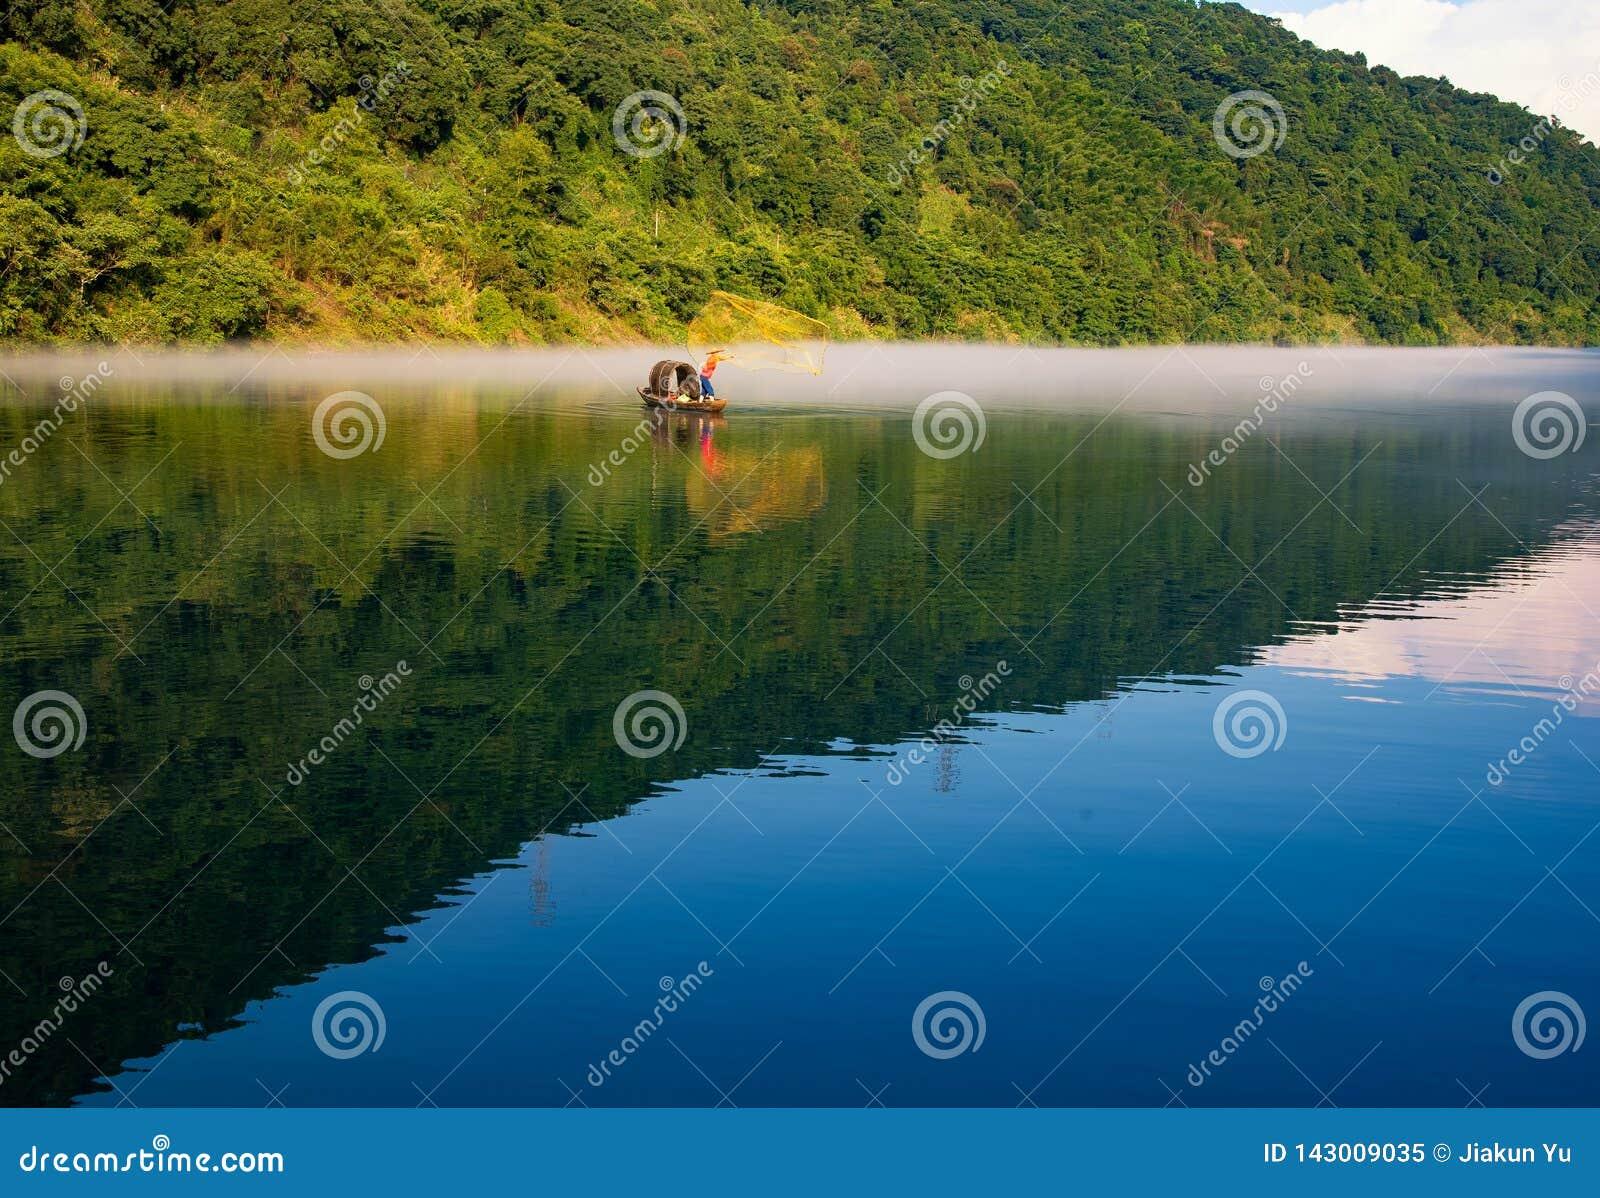 Un fishman echó una red en el barco en la niebla en el río, la reflexión de oro del brillo del sol en la superficie del agua